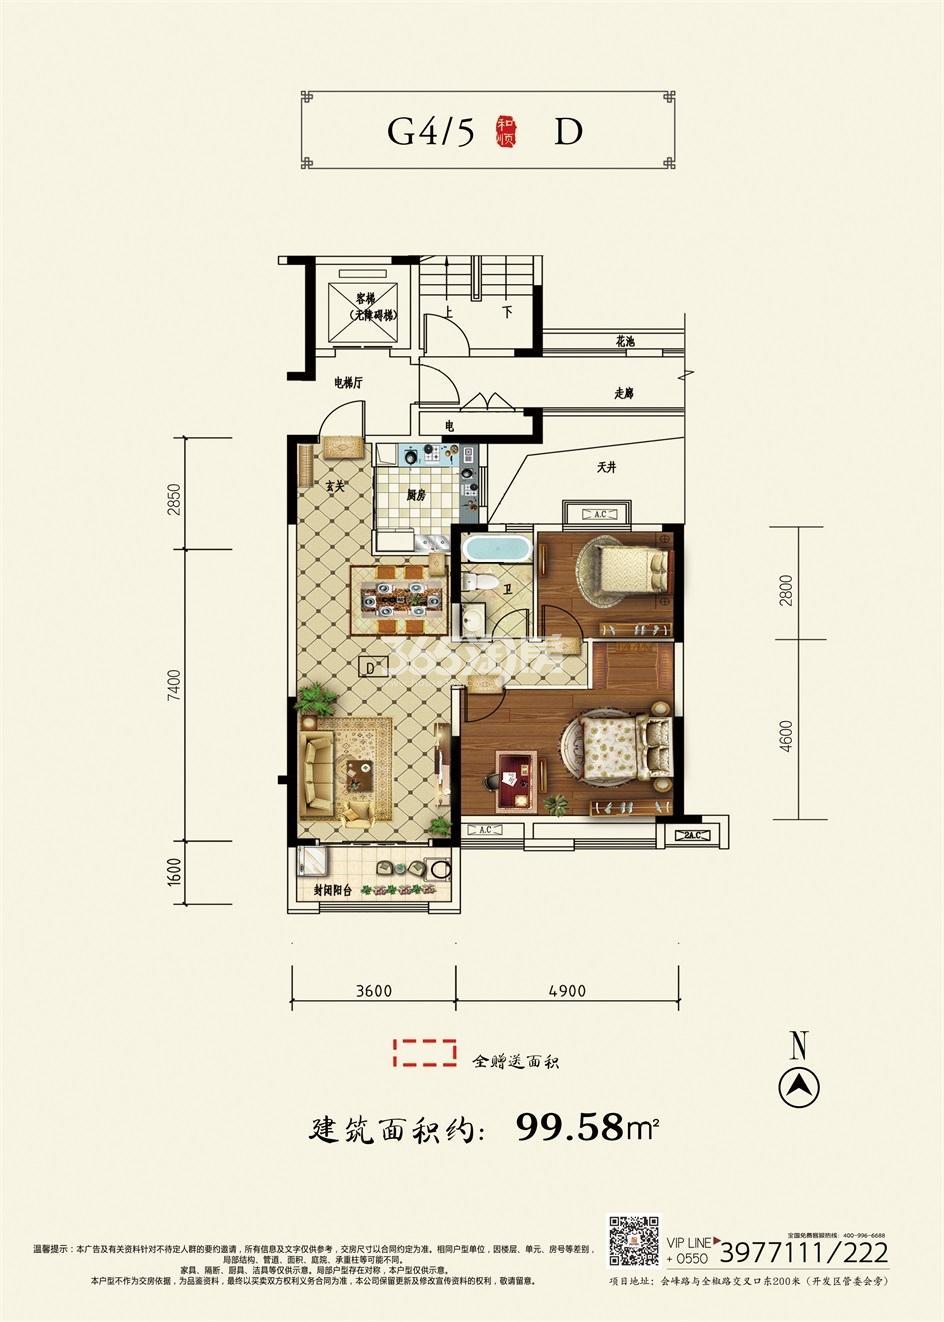 和顺沁园春 d户型建筑面积99.58平方